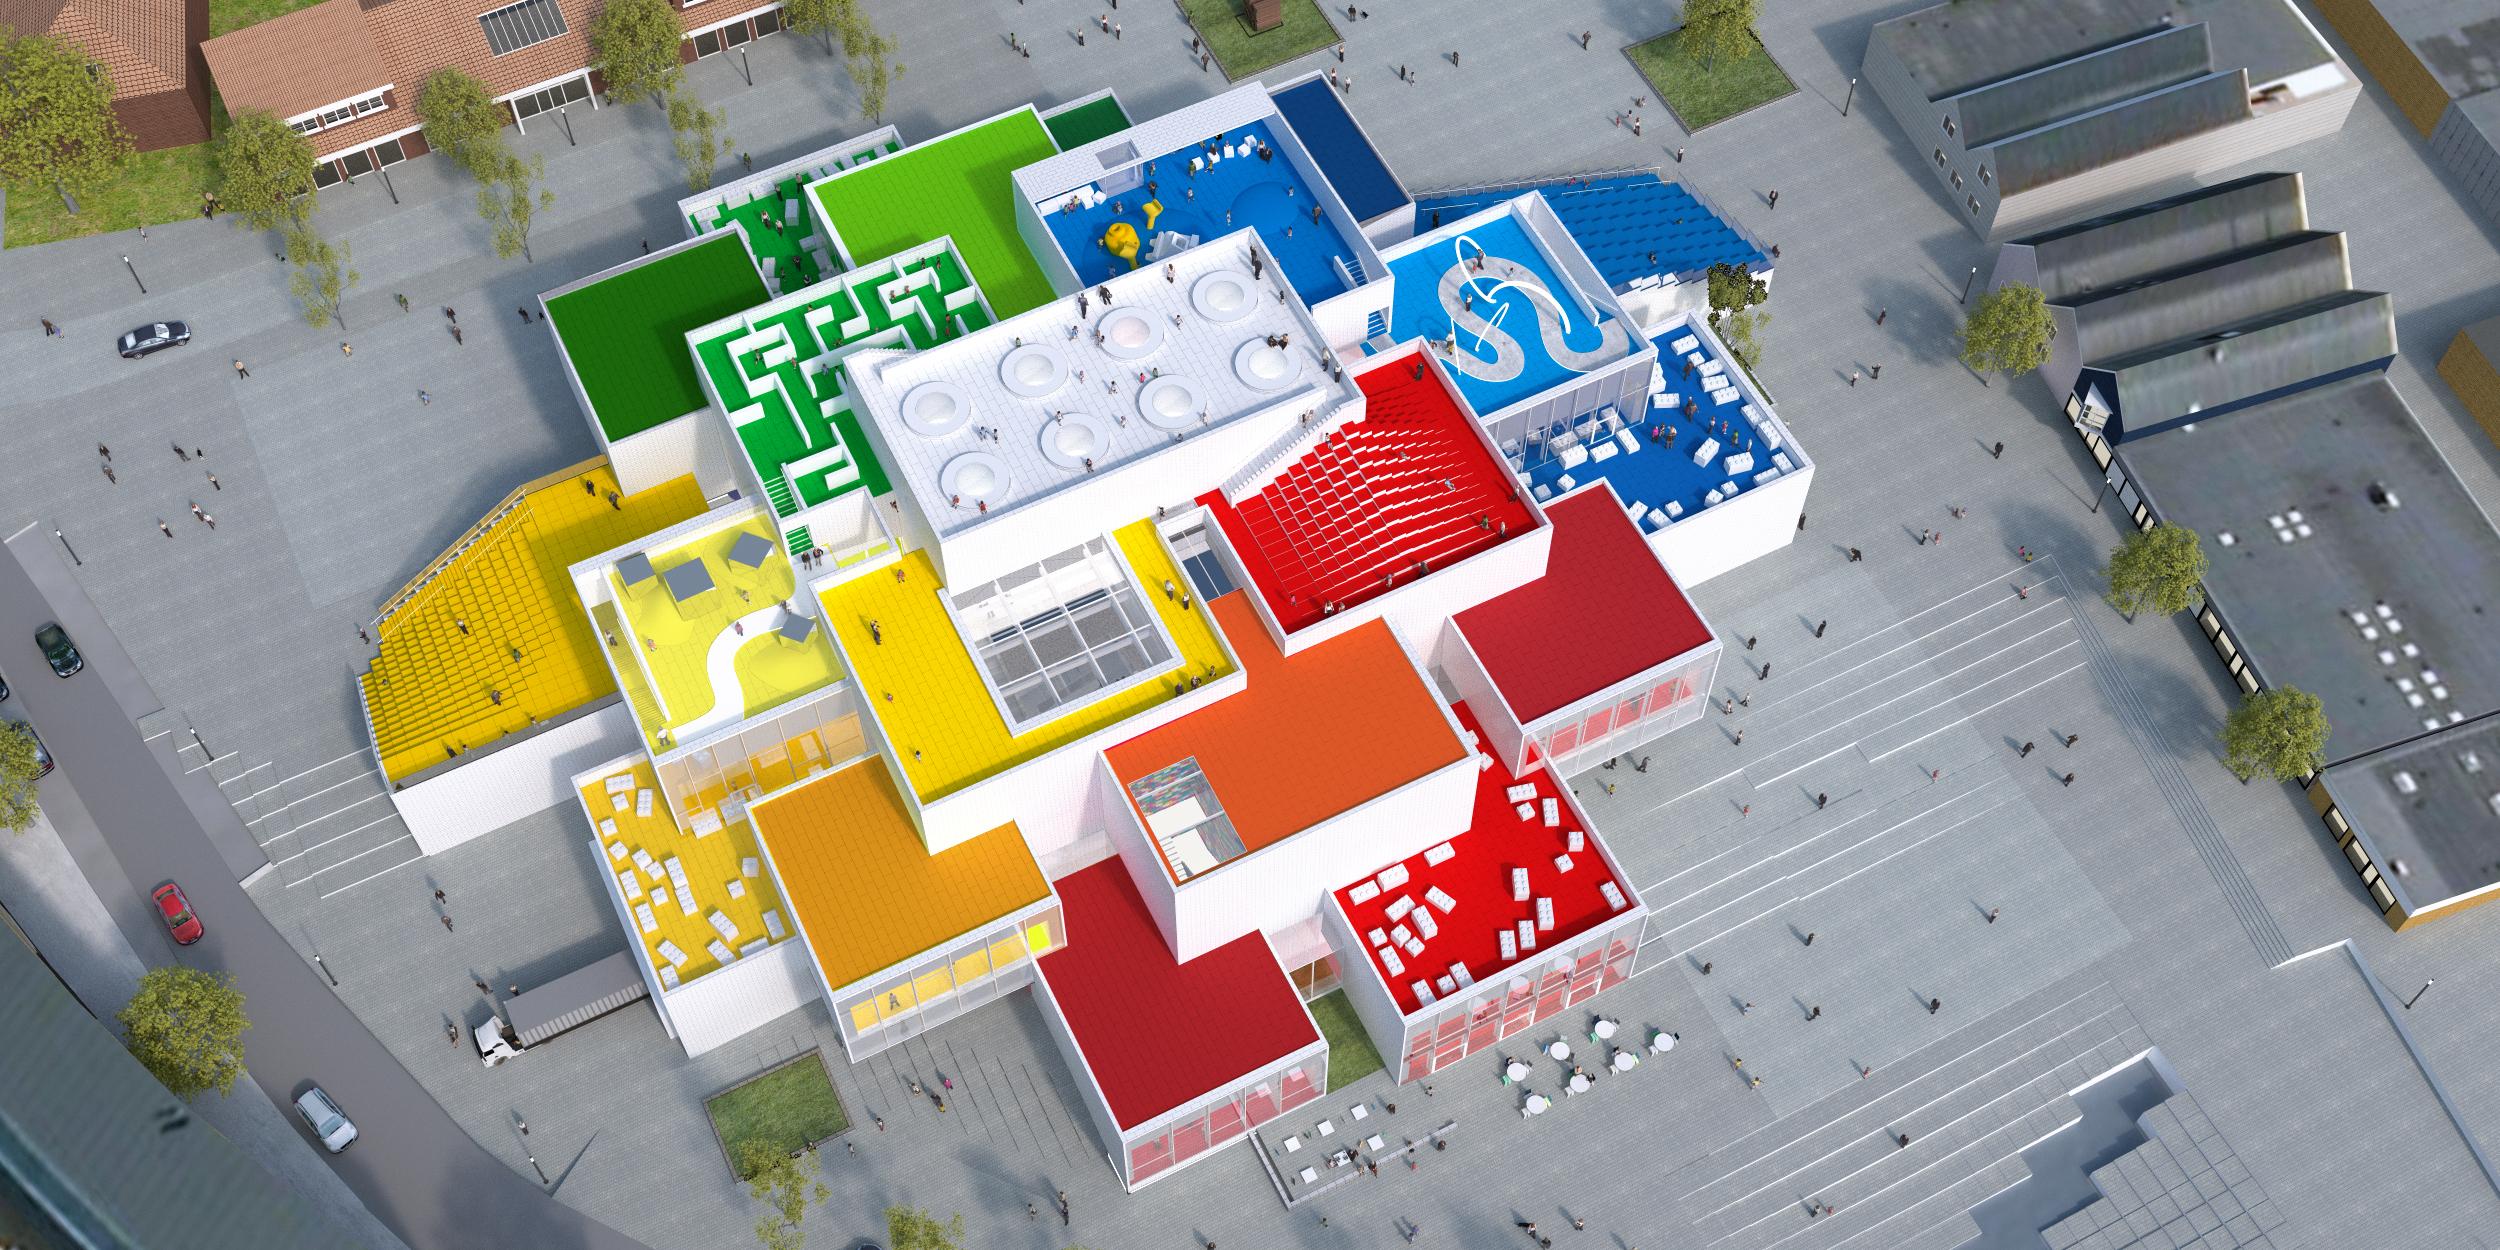 O projeto conta a história da marca lego, a visão e a importância atribuida à LEGO House pelos diretores da empresa